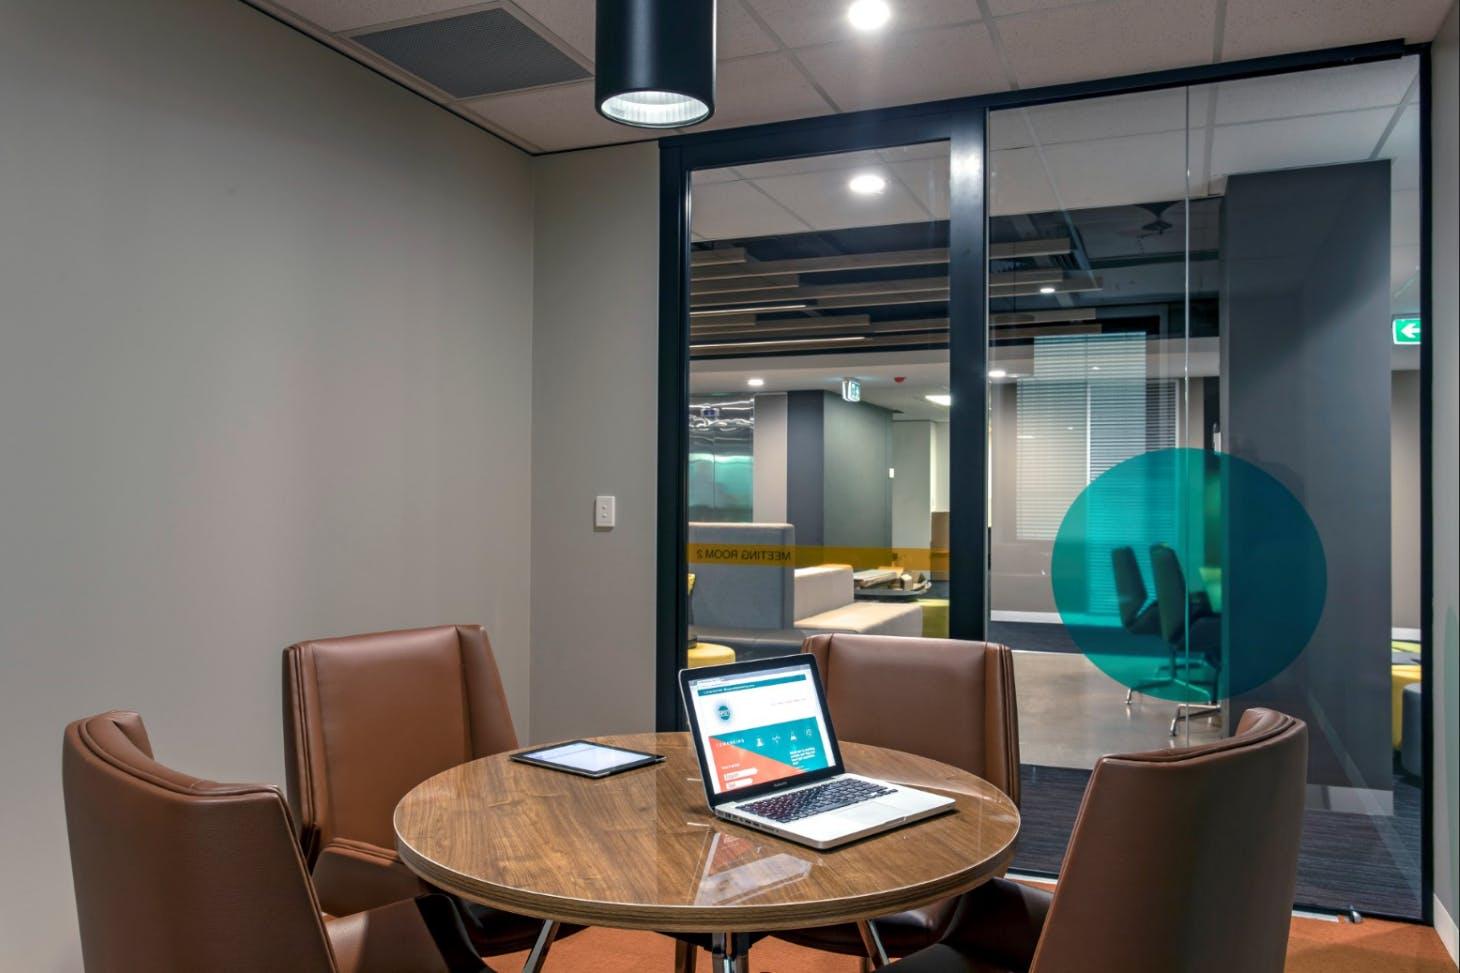 Hot Desk, hot desk at Spot Co-Working, image 4